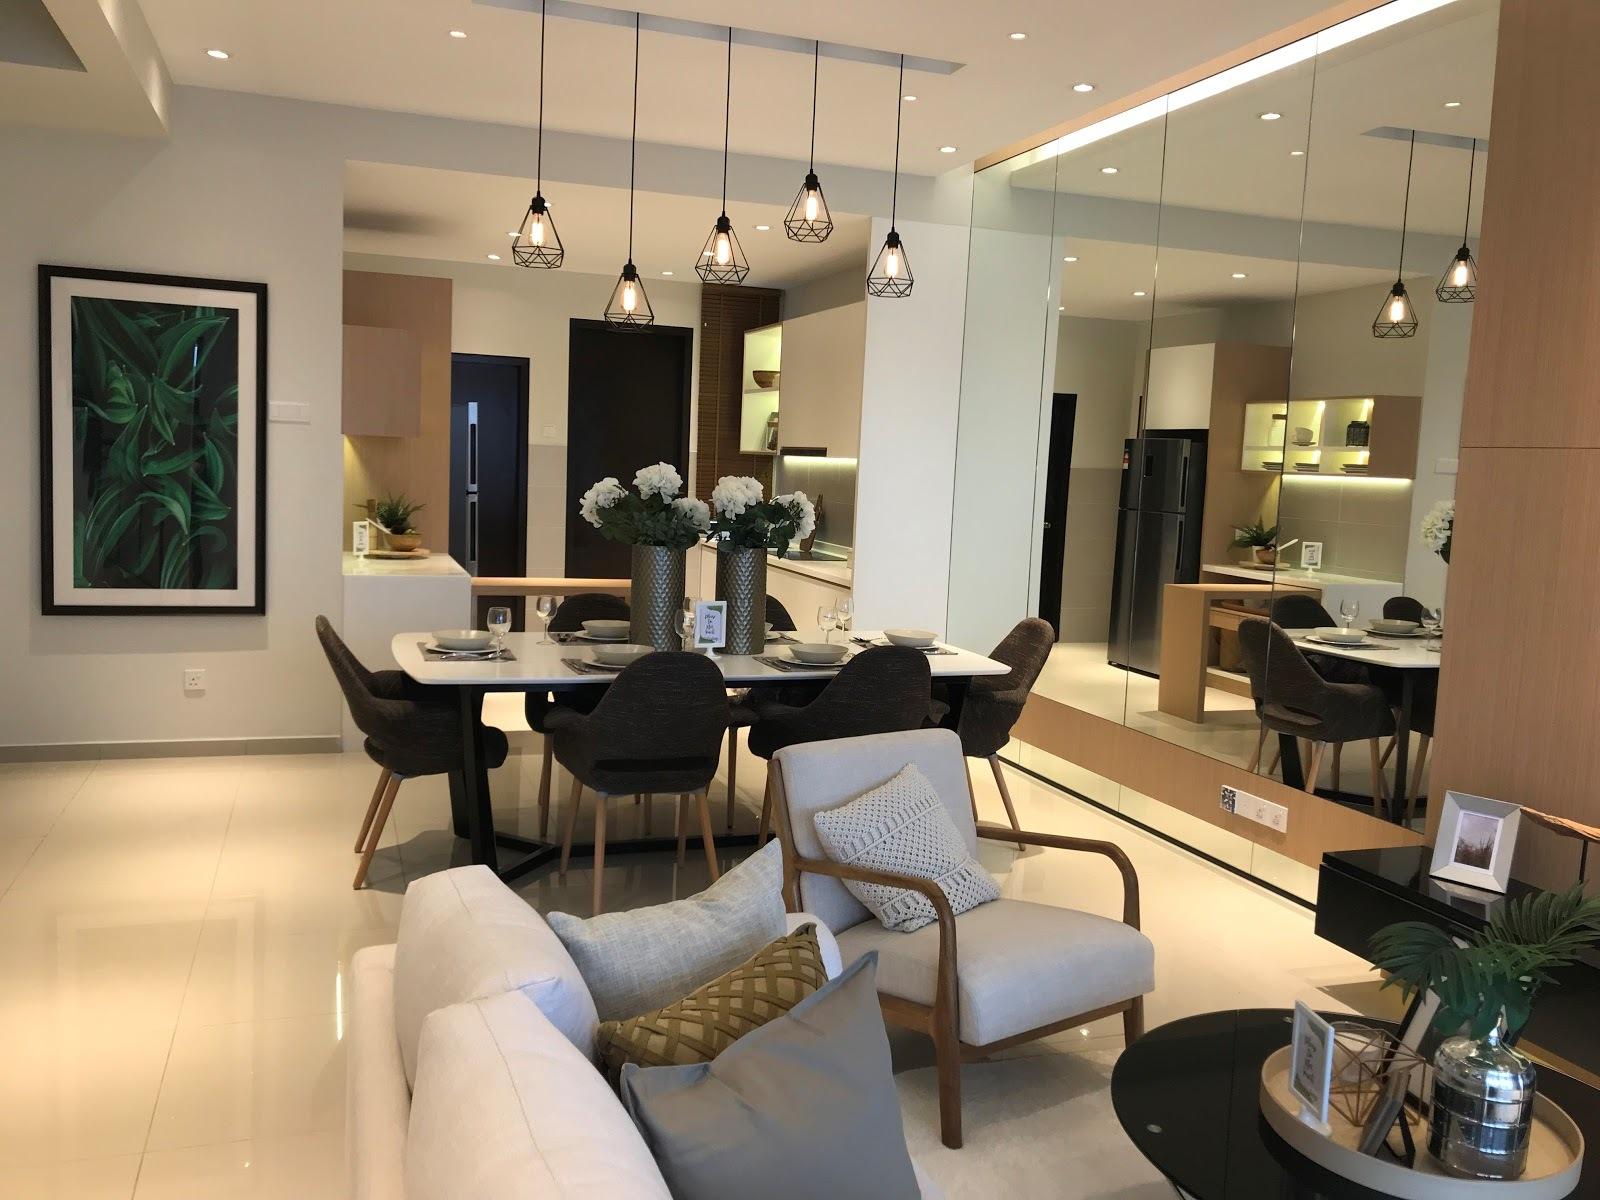 Puncak bestari 2 house for sale azalea living and dining